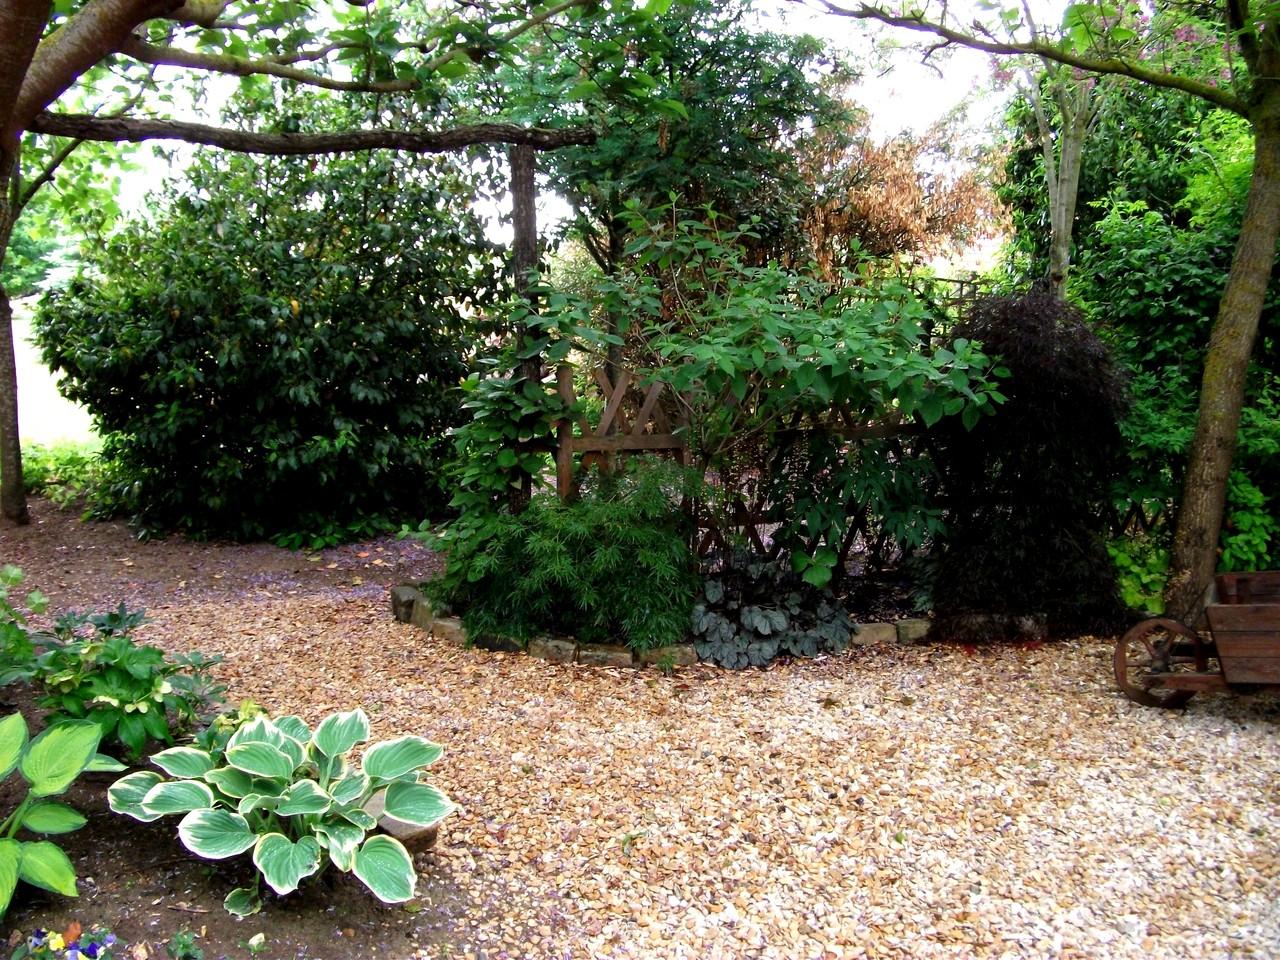 Le jardin entr e gratuite site le jardin des 4 saisons for Les jardins 4 saisons